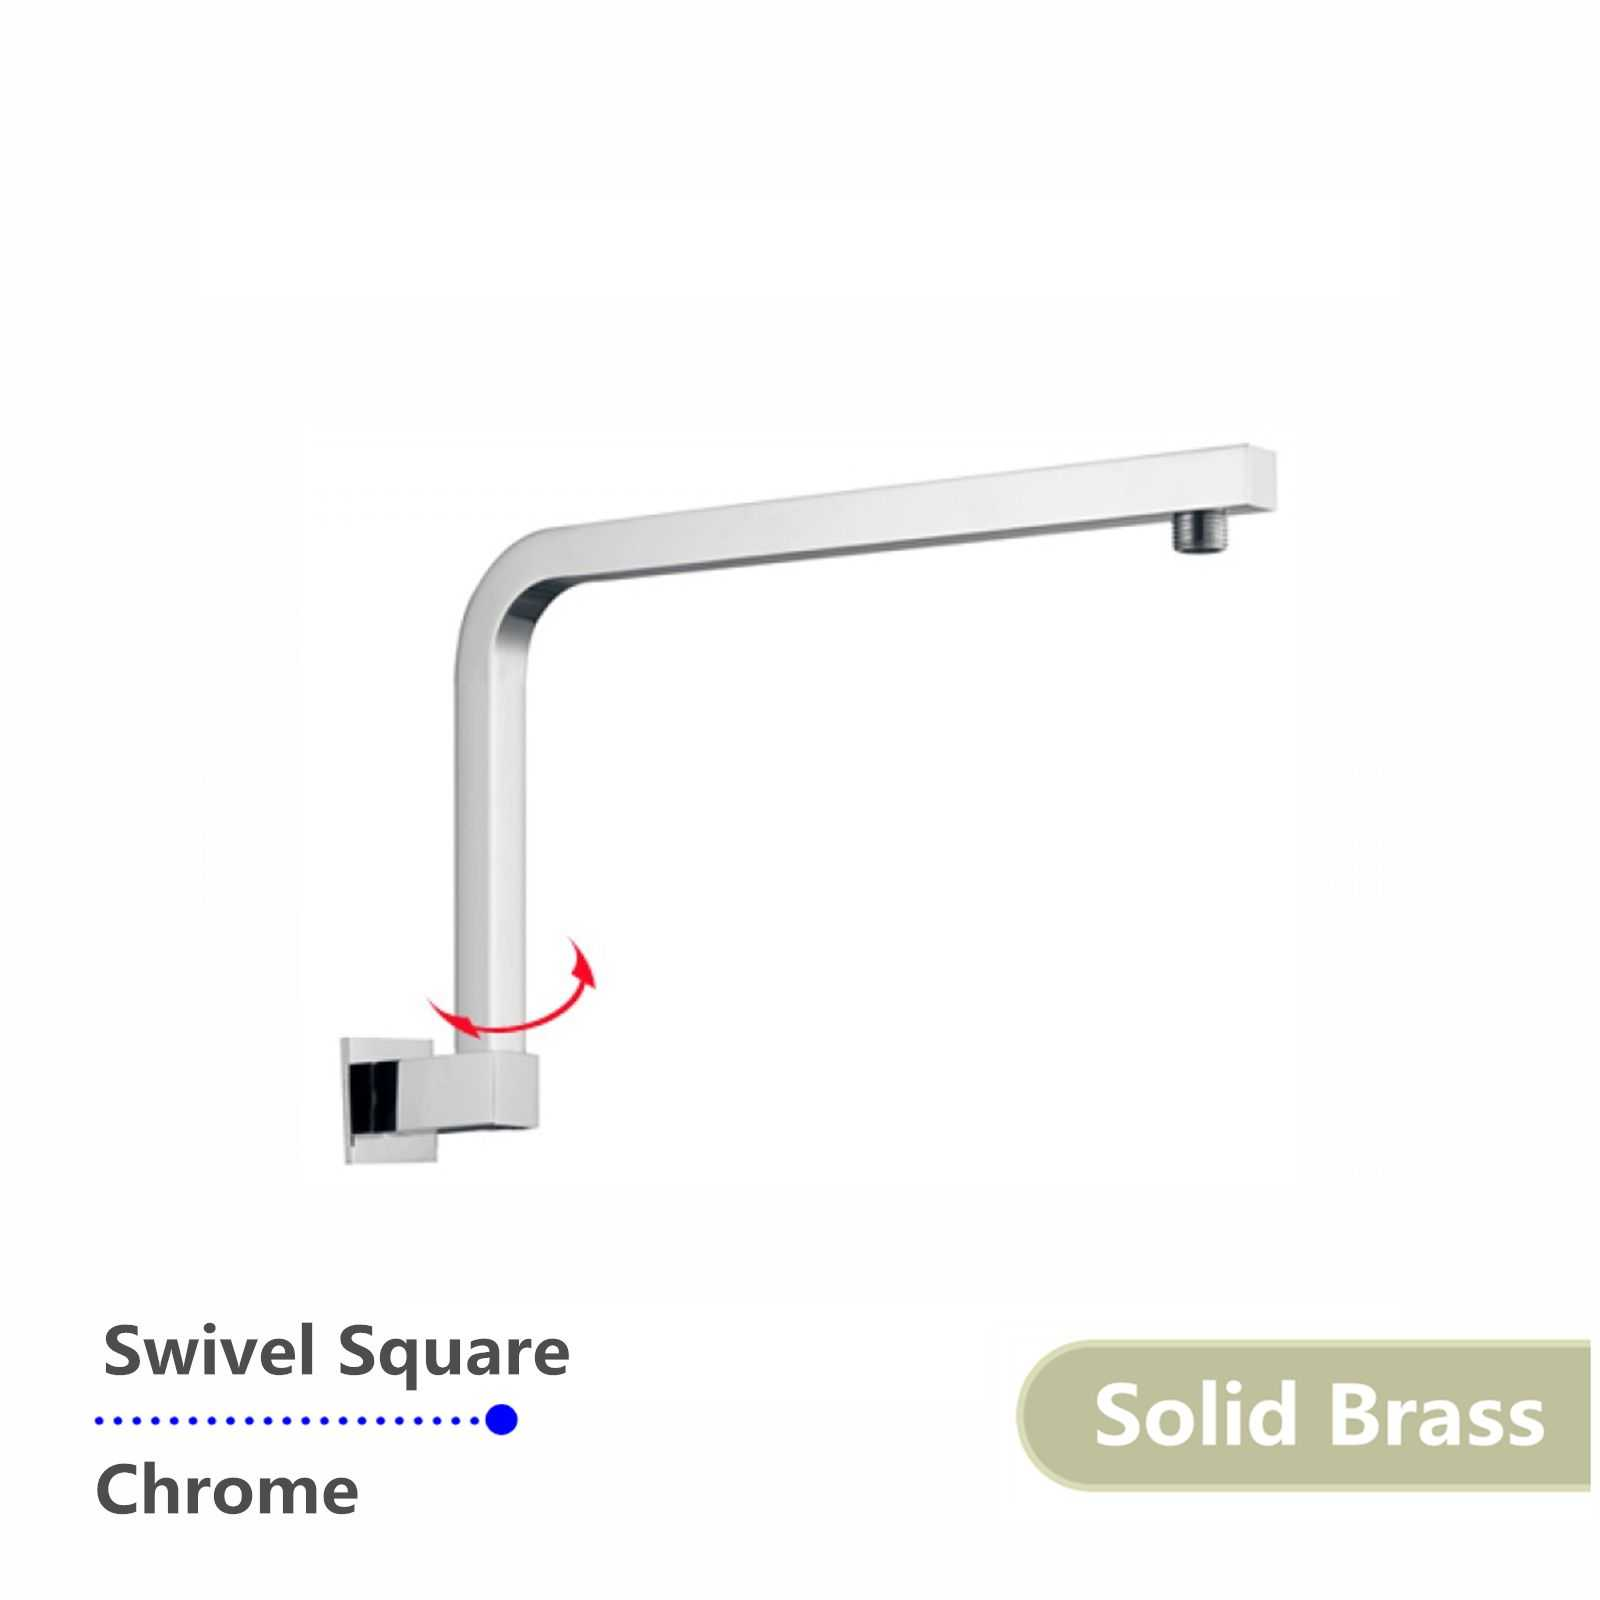 Square Swivel Chrome Shower Arm